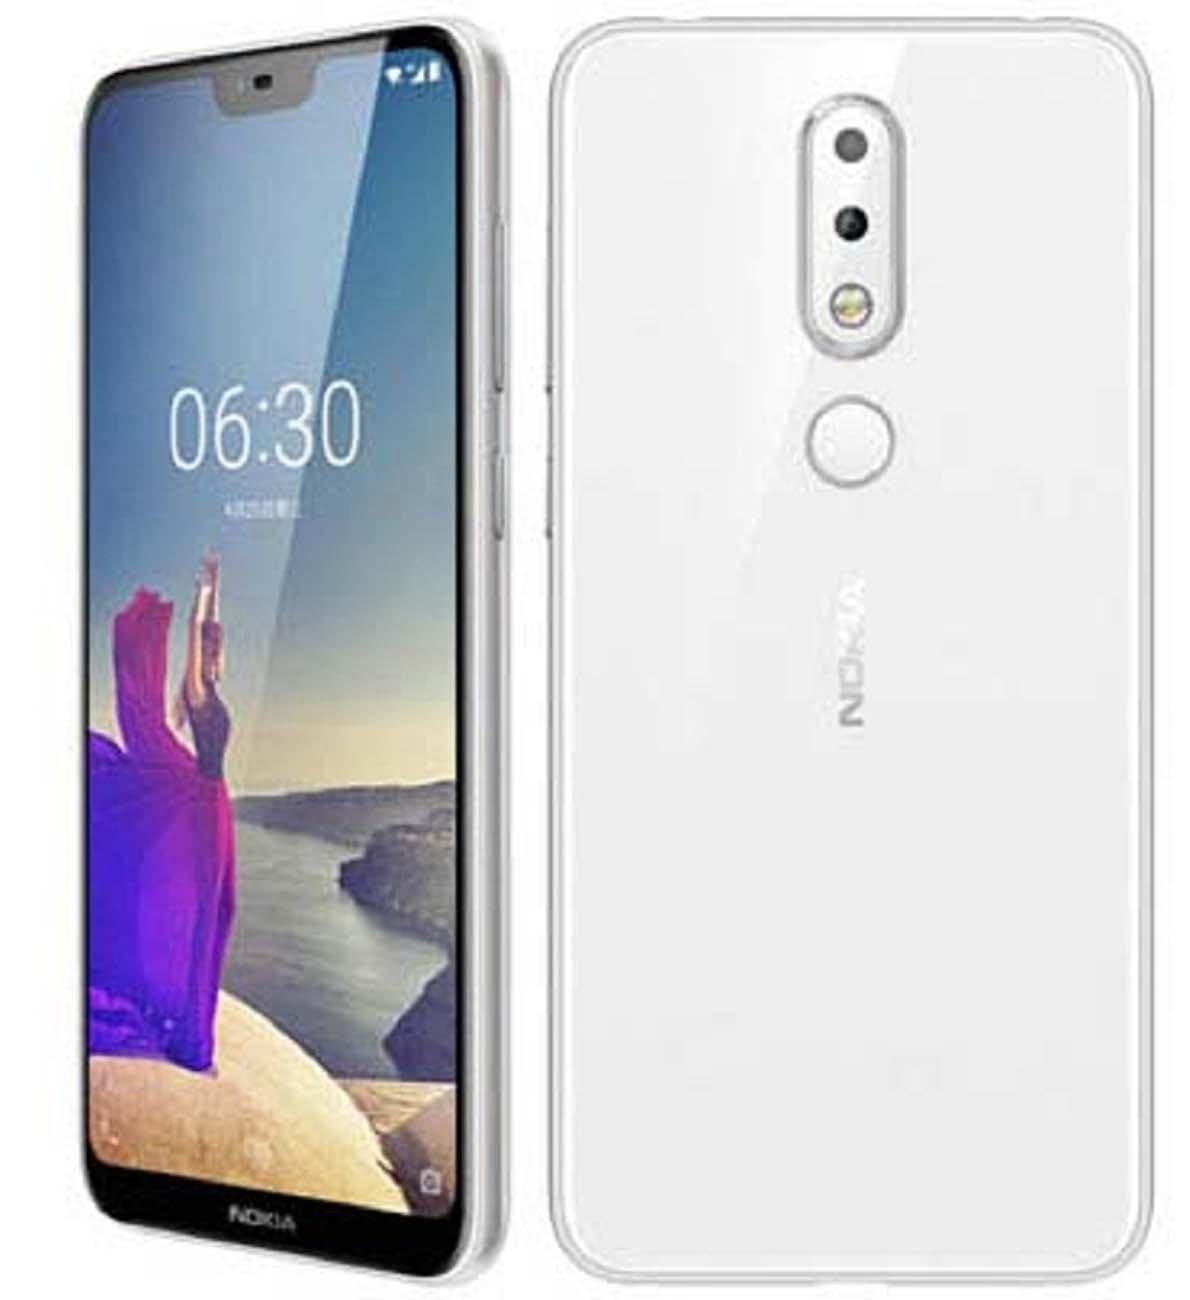 Доконца июля смартфон нокиа X6 поступит в реализацию на мировом рынке